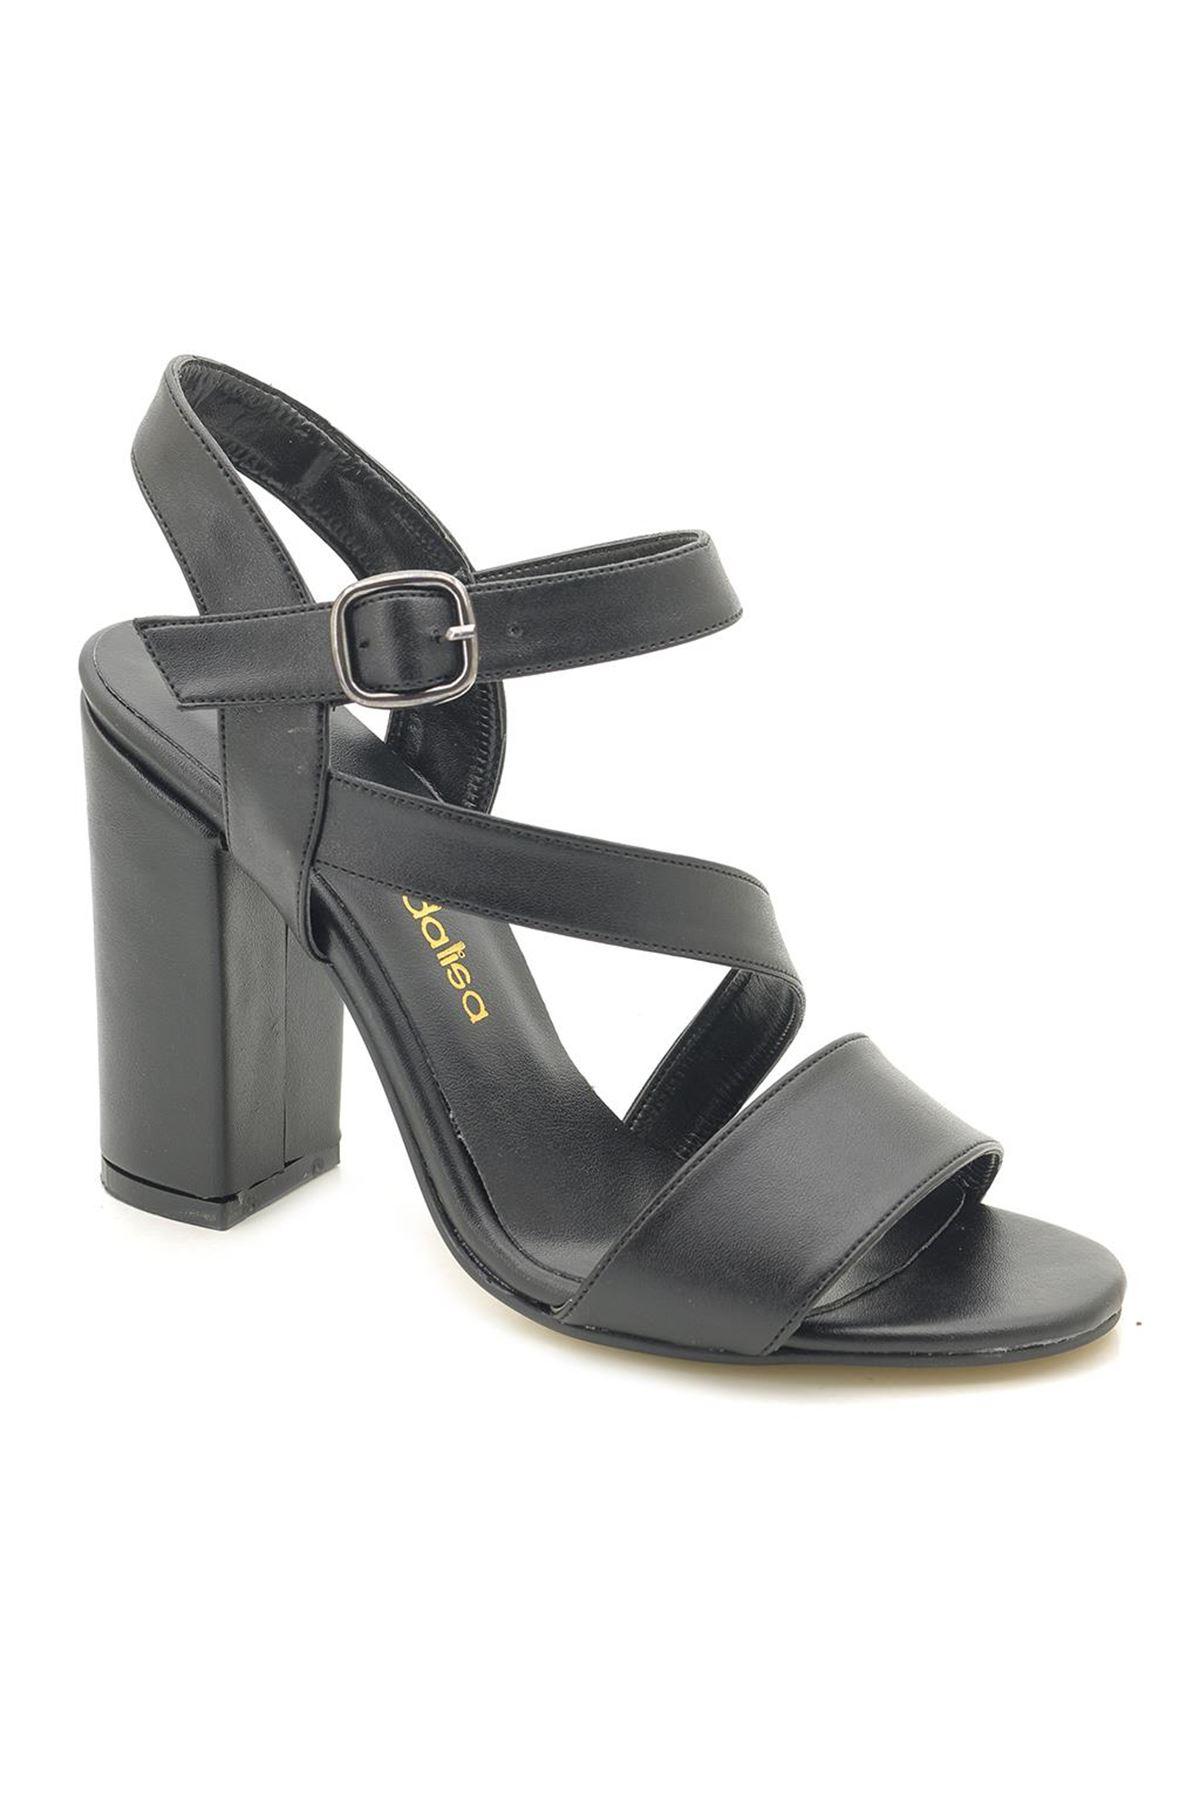 ModaLisa 545 Topuklu Yandan Bantlı Ayakkabı